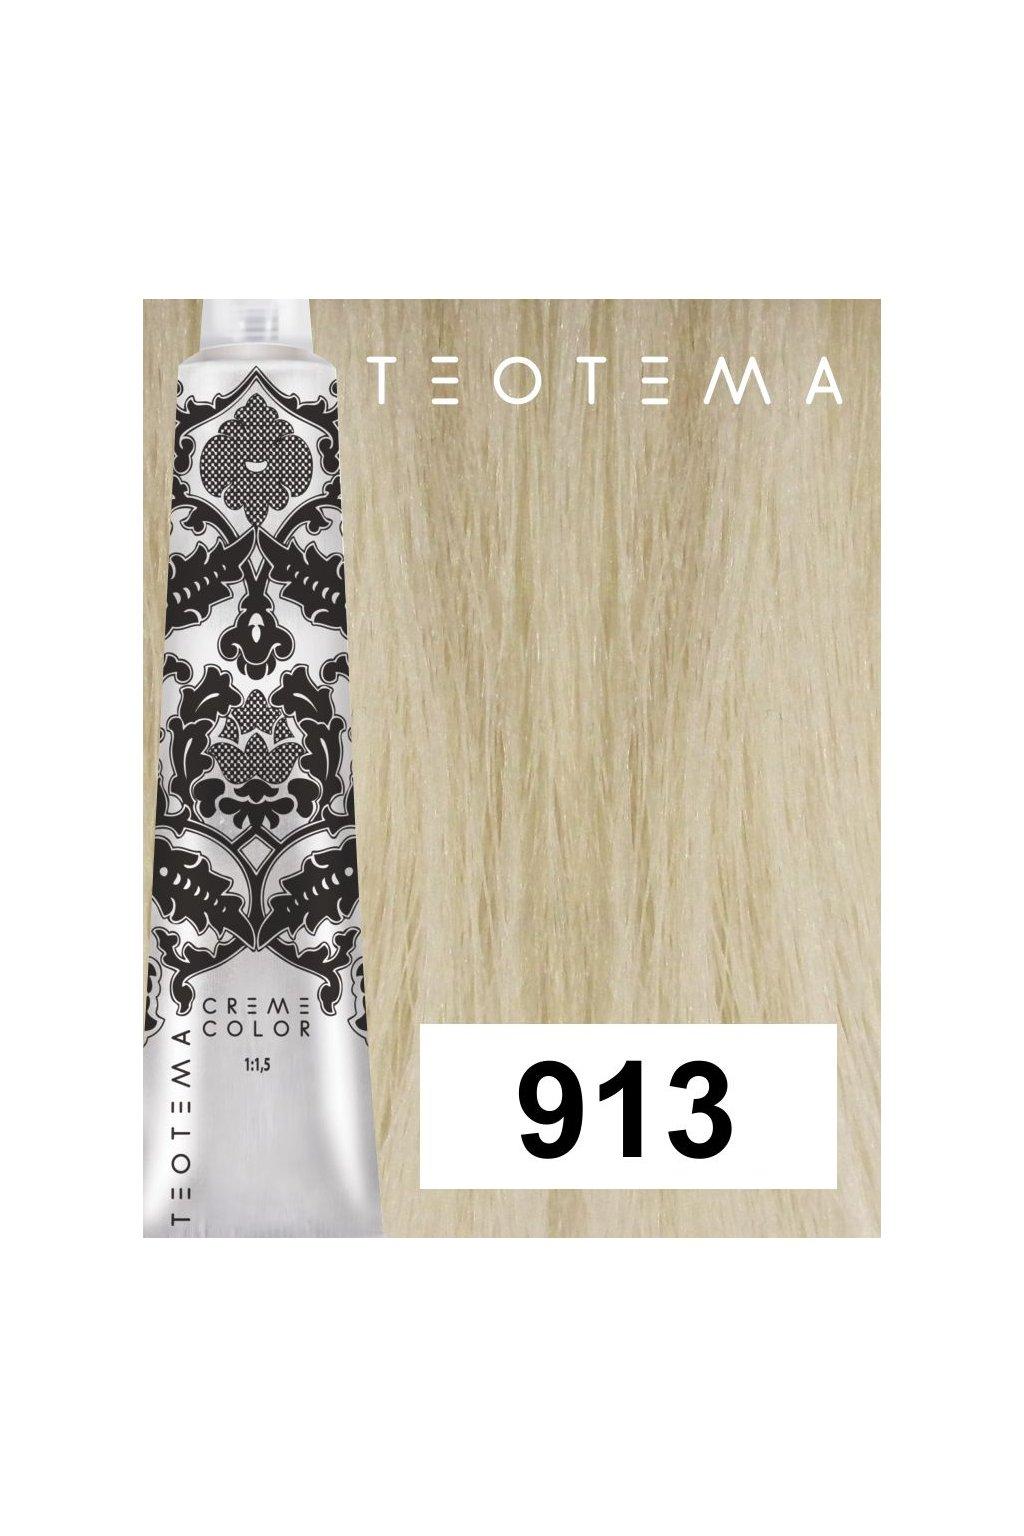 913 teotema